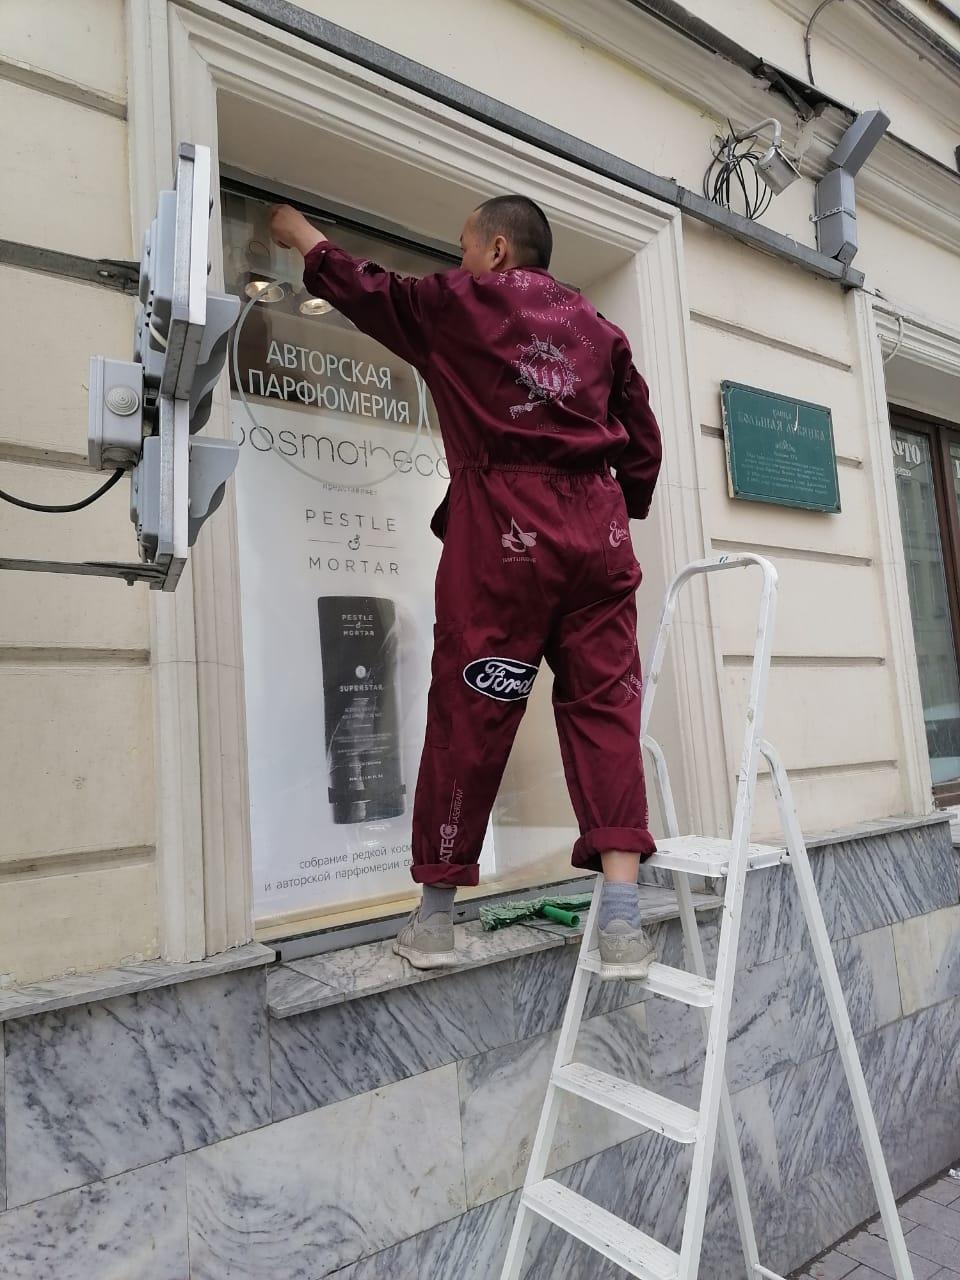 Нанесение раствора для мытья витрины магазина